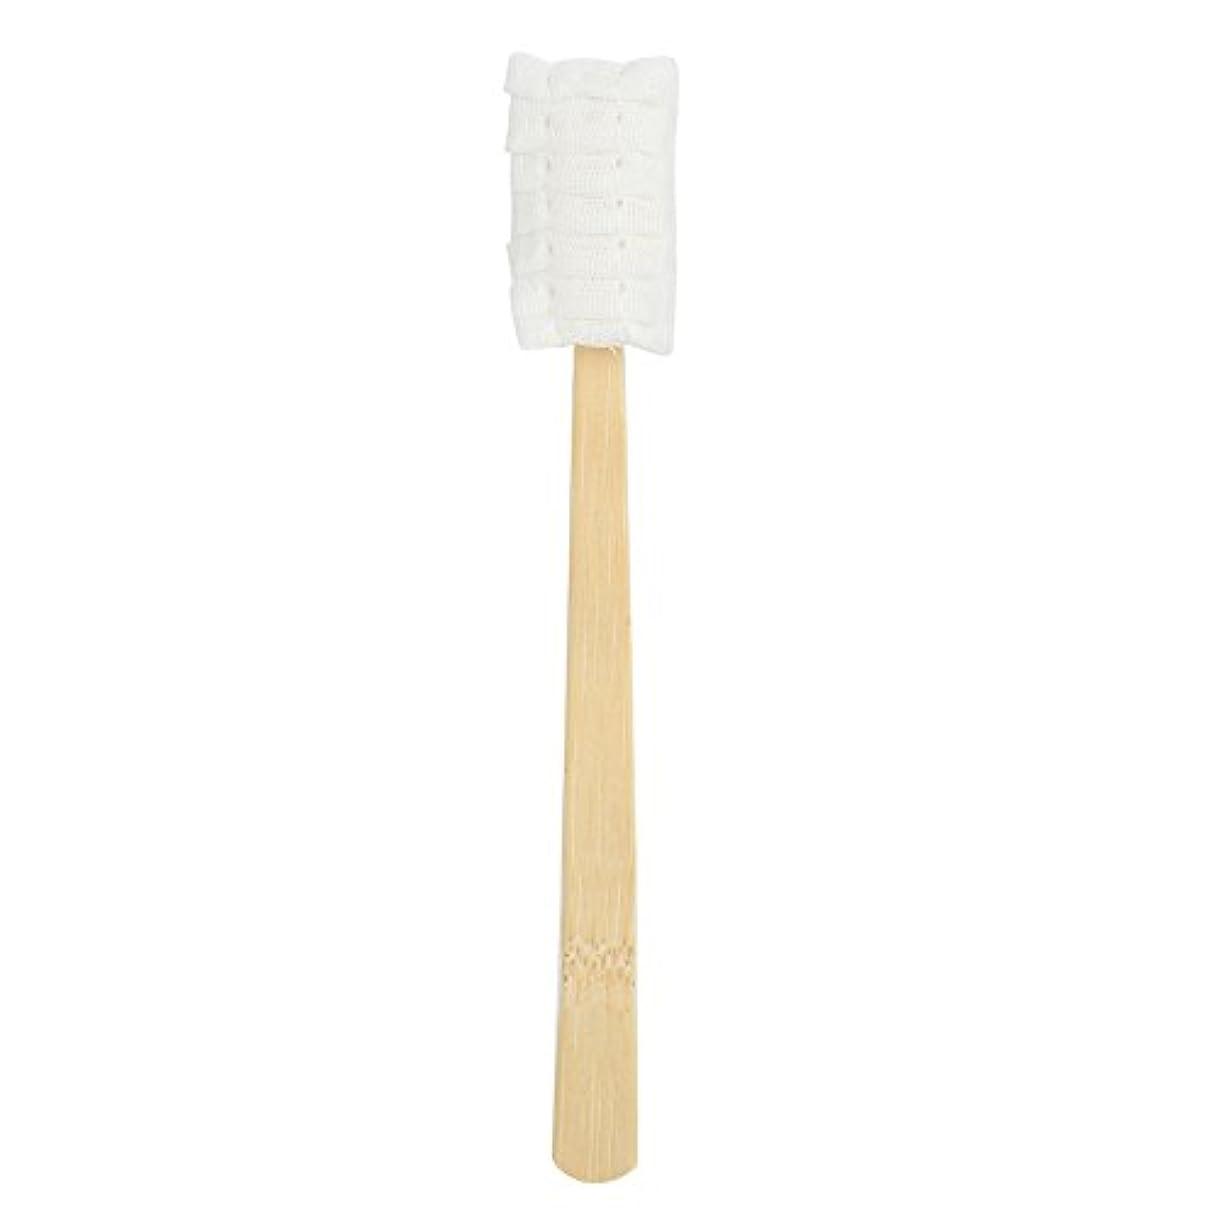 息切れスチュアート島印象的30pcs使い捨てマタニティソフトガーゼ歯ブラシ